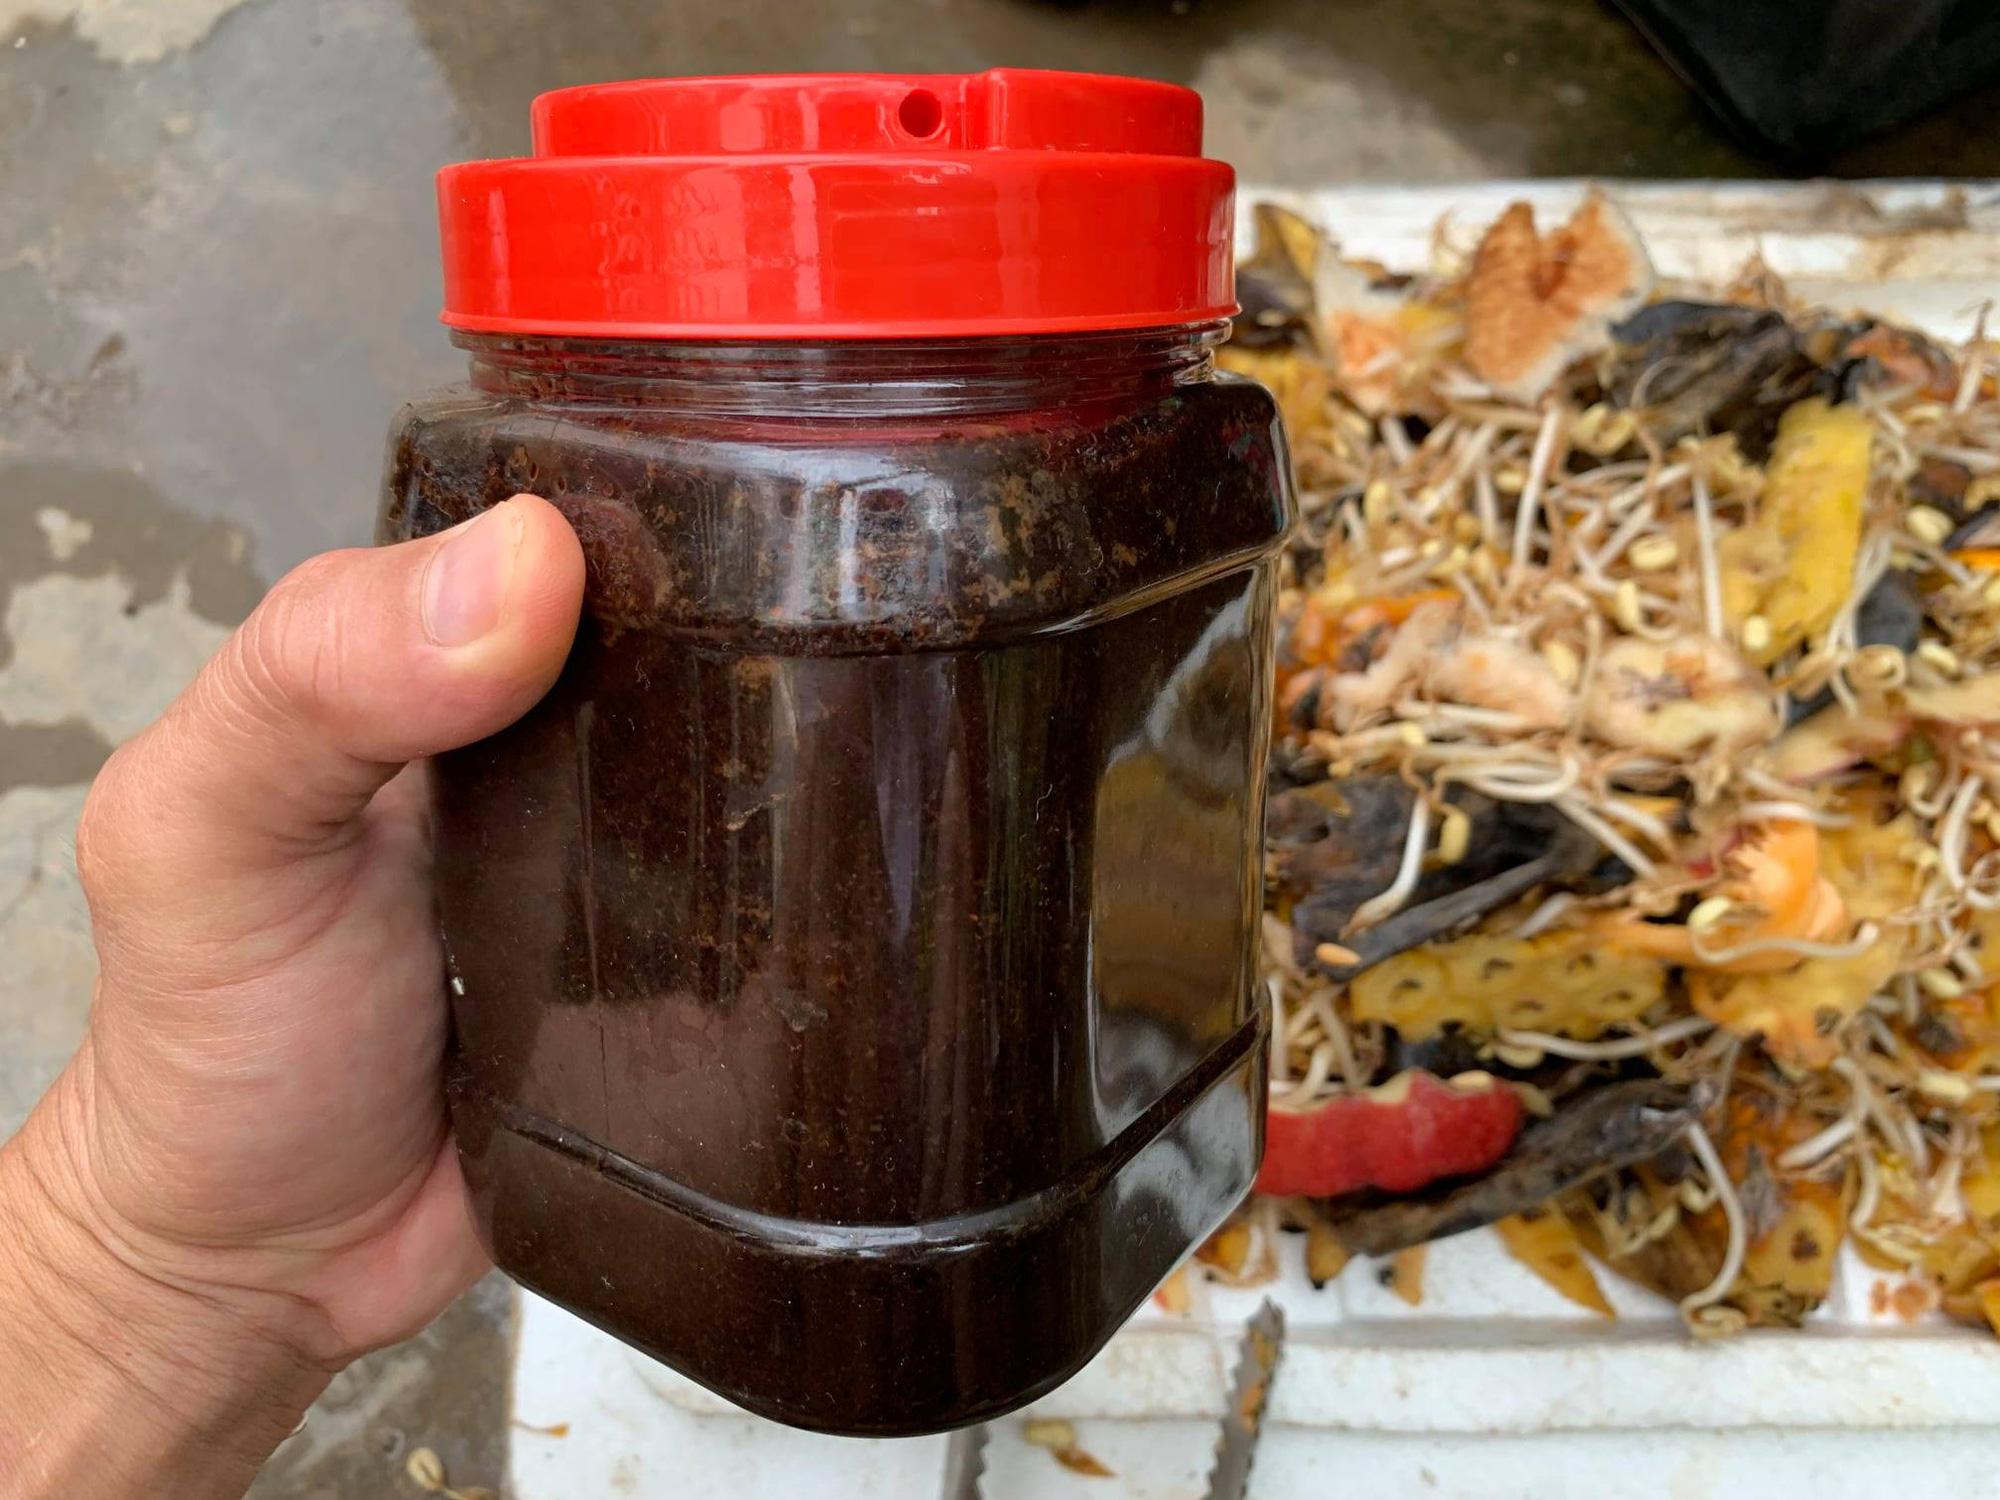 Clip: Kinh nghiệm sử dụng rác thải nhà bếp đơn giản để bón cho cây - Ảnh 3.